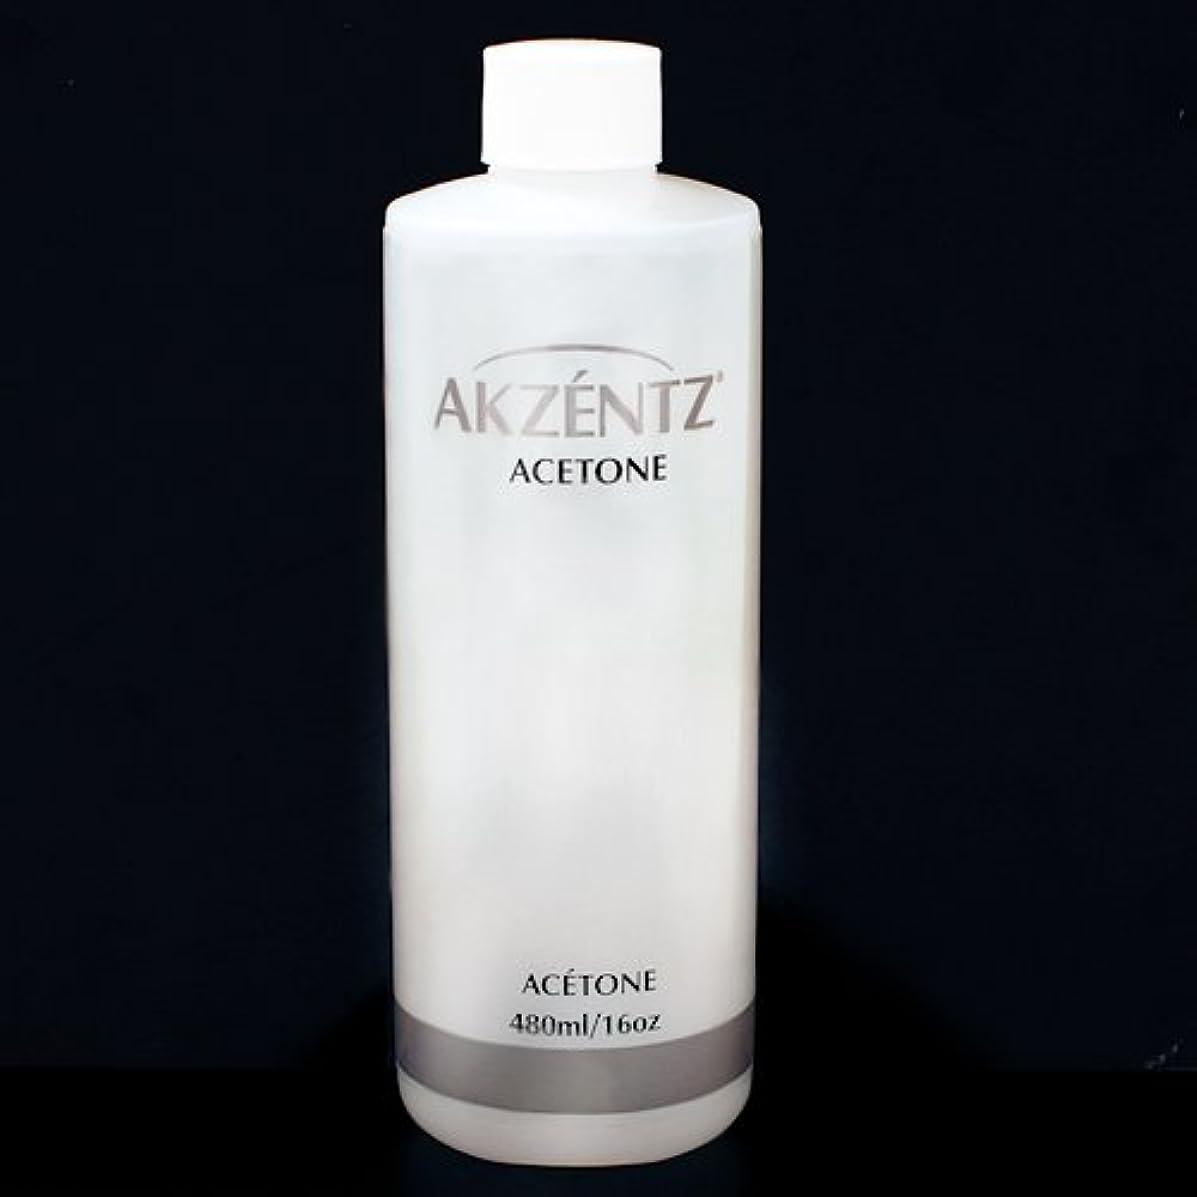 ツーリストオーバーフロー強大なアクセンツ(AKZENTZ) ネイルリムーバー (アセトン) 480ml